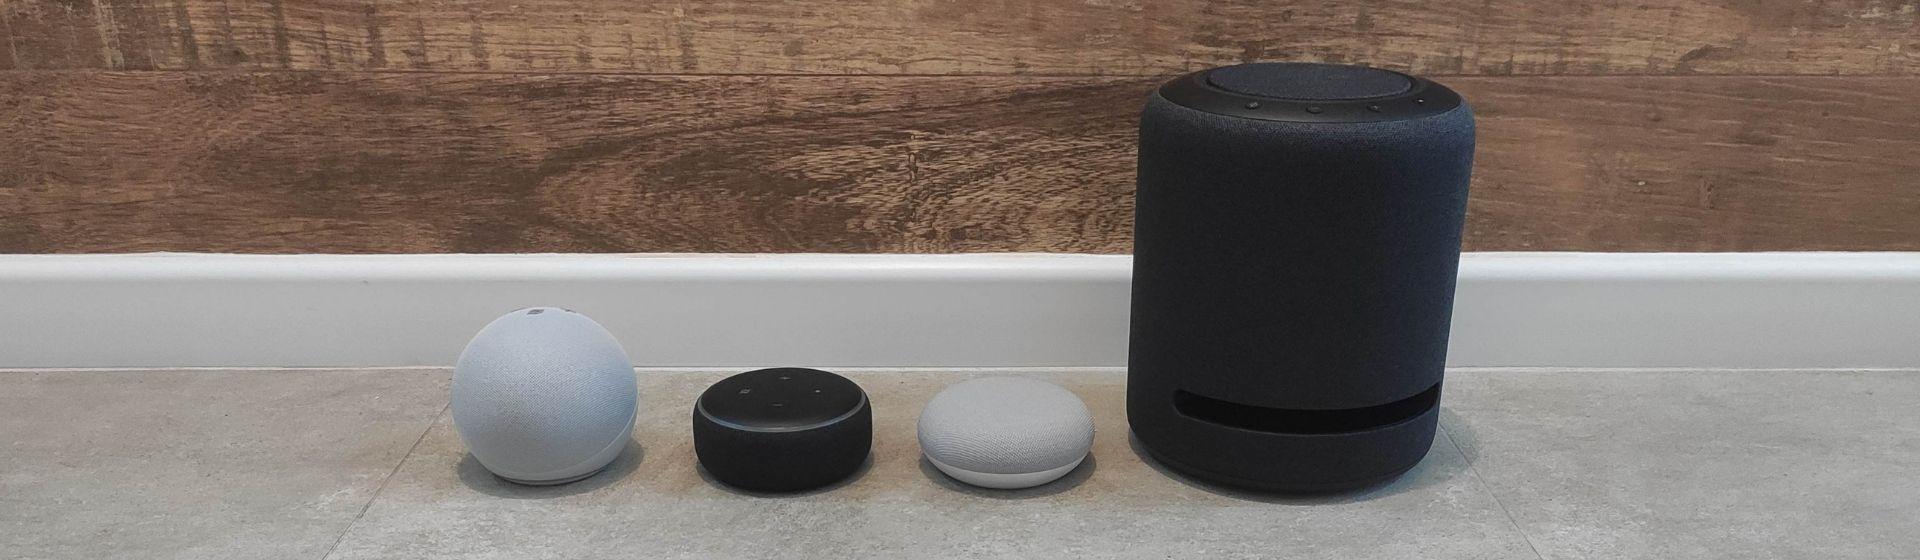 Melhor Smart Speaker 2021: 6 opções que valem a pena comprar